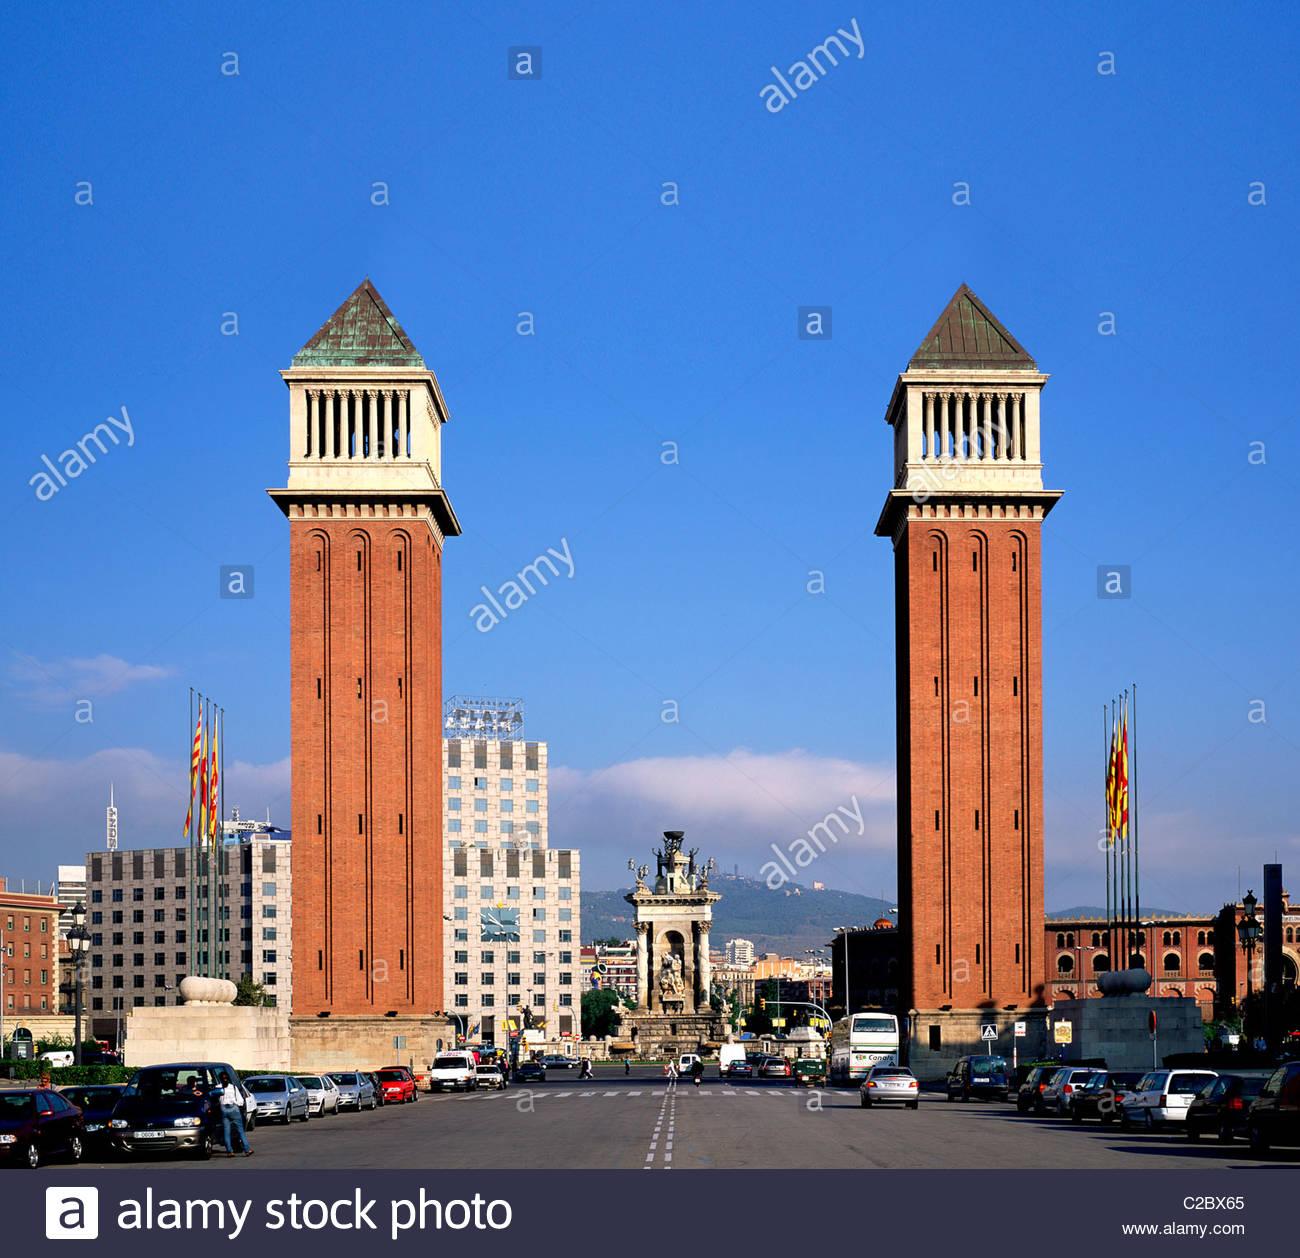 Venetian Towers on Placa de Espanya in Barcelona. - Stock Image